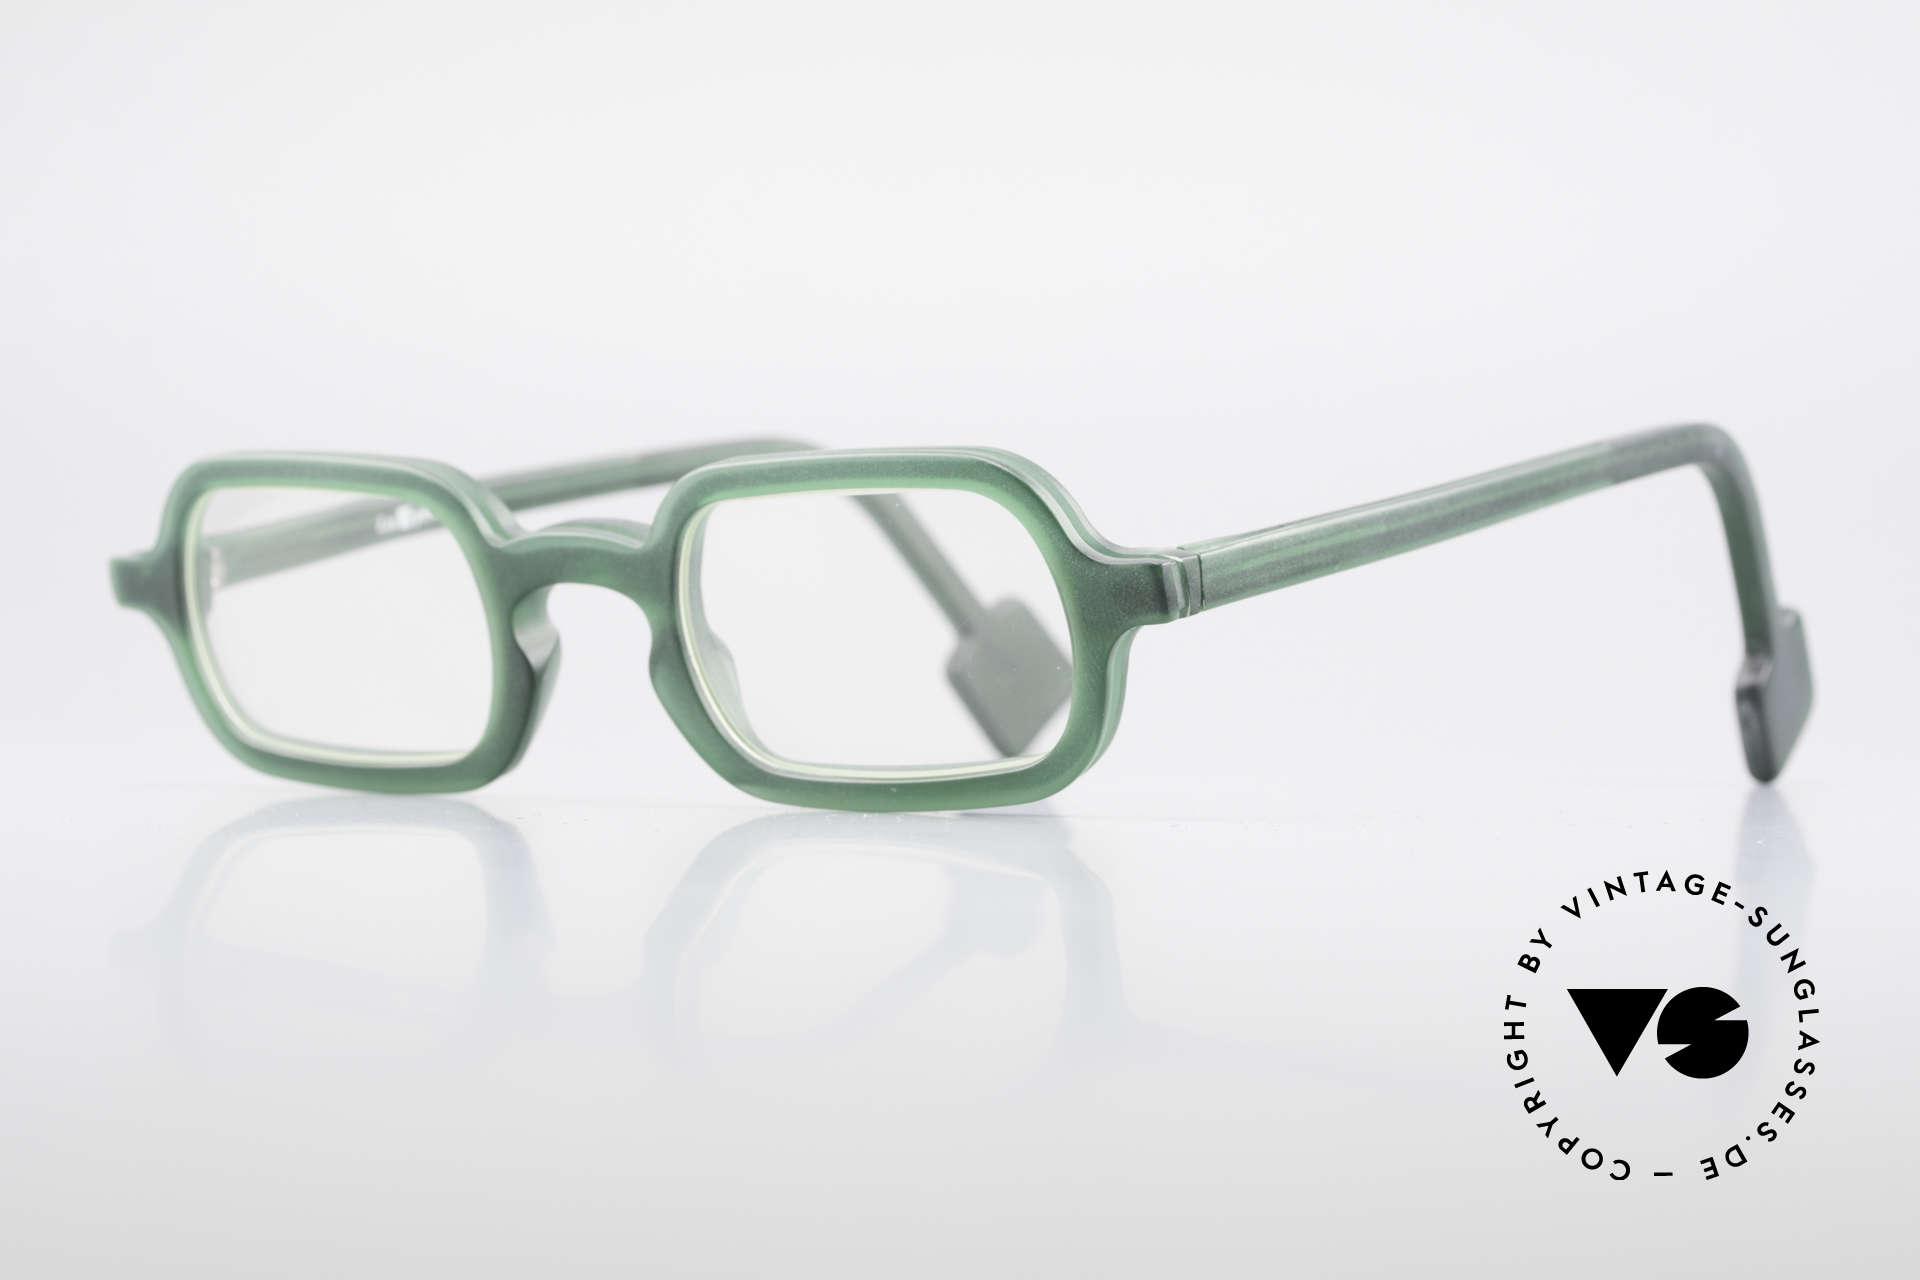 L.A. Eyeworks HANK 230 True Vintage 90er Fassung, minimalistische Konstruktion geometrischer Formen, Passend für Herren